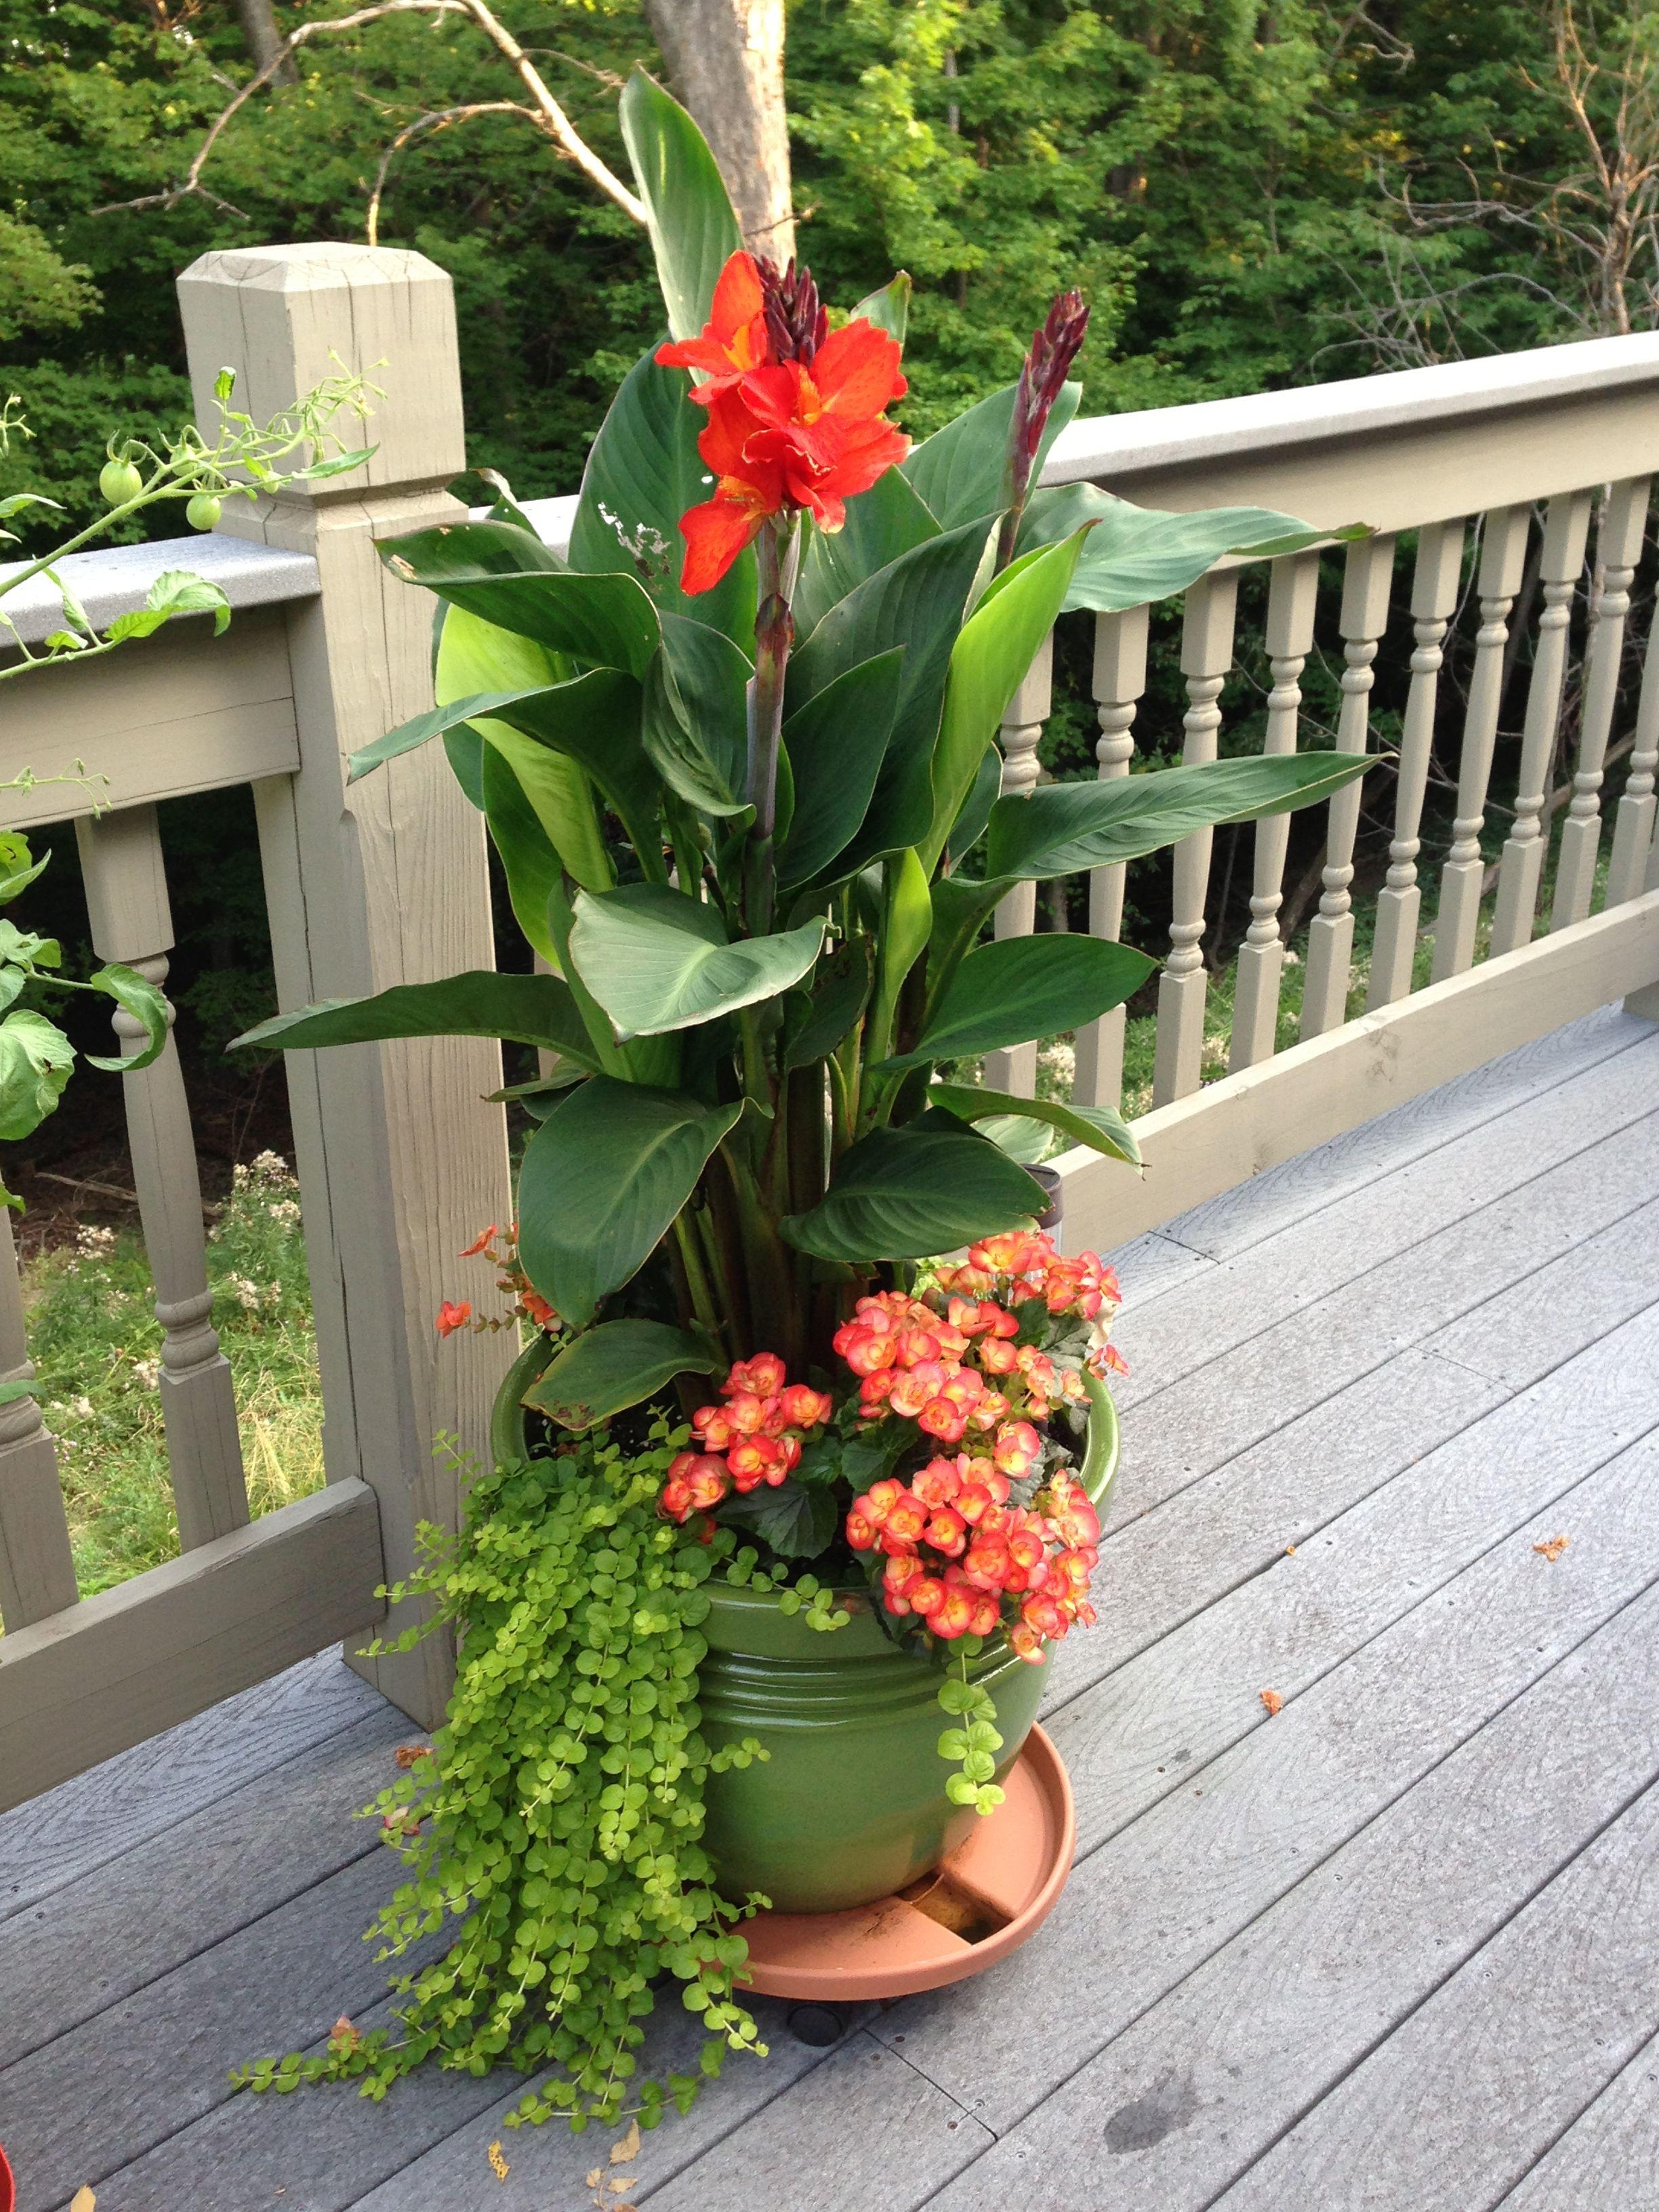 Cana Lilly Creeping Jenny Begonias With Full Sun Make A Lovely Pot I Really Like